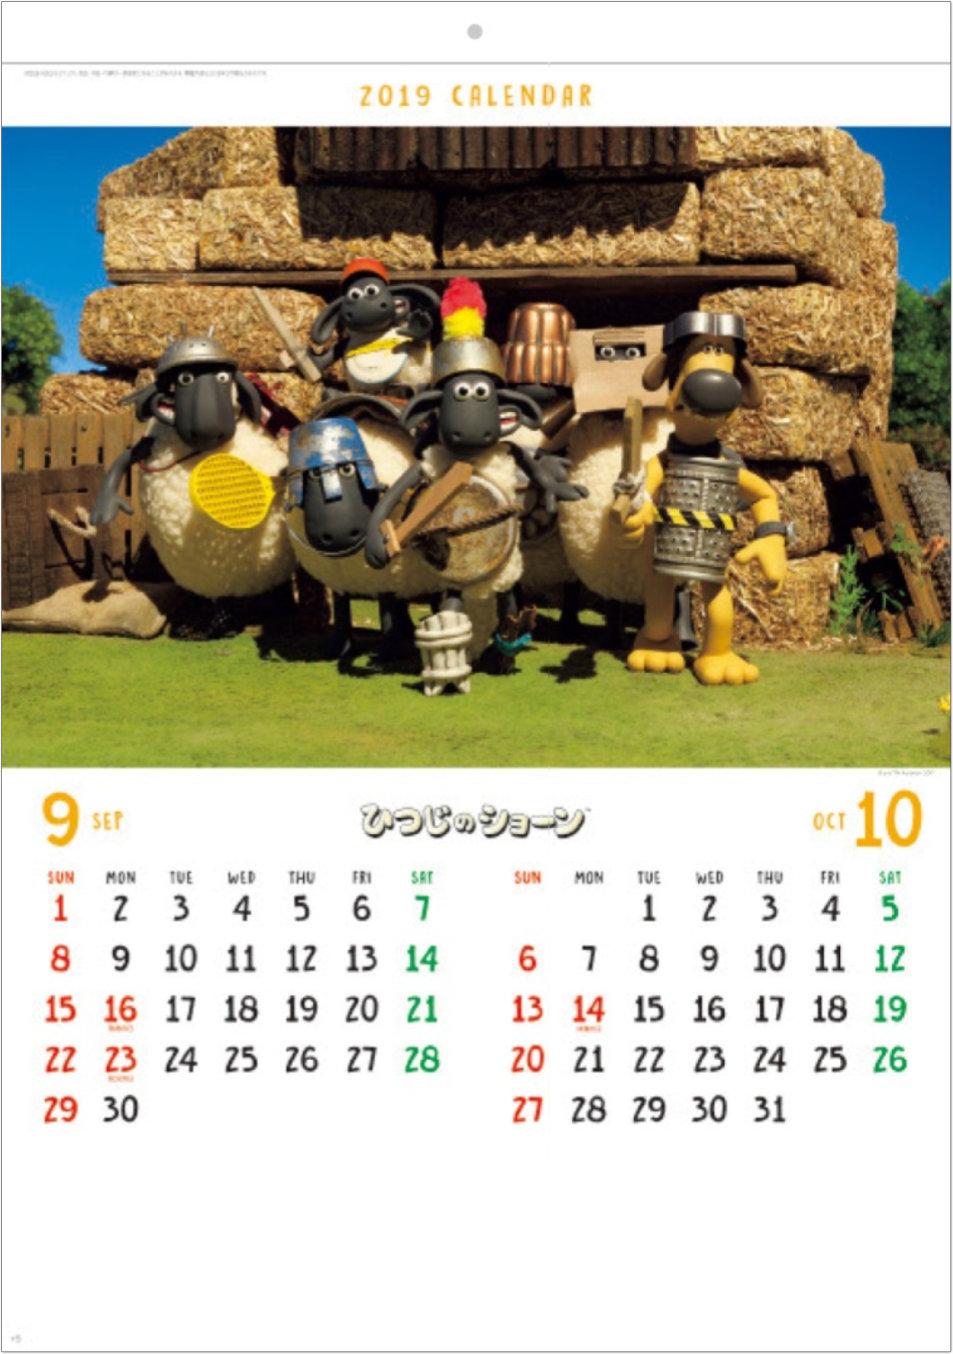 画像: ひつじのショーン 2019年カレンダー